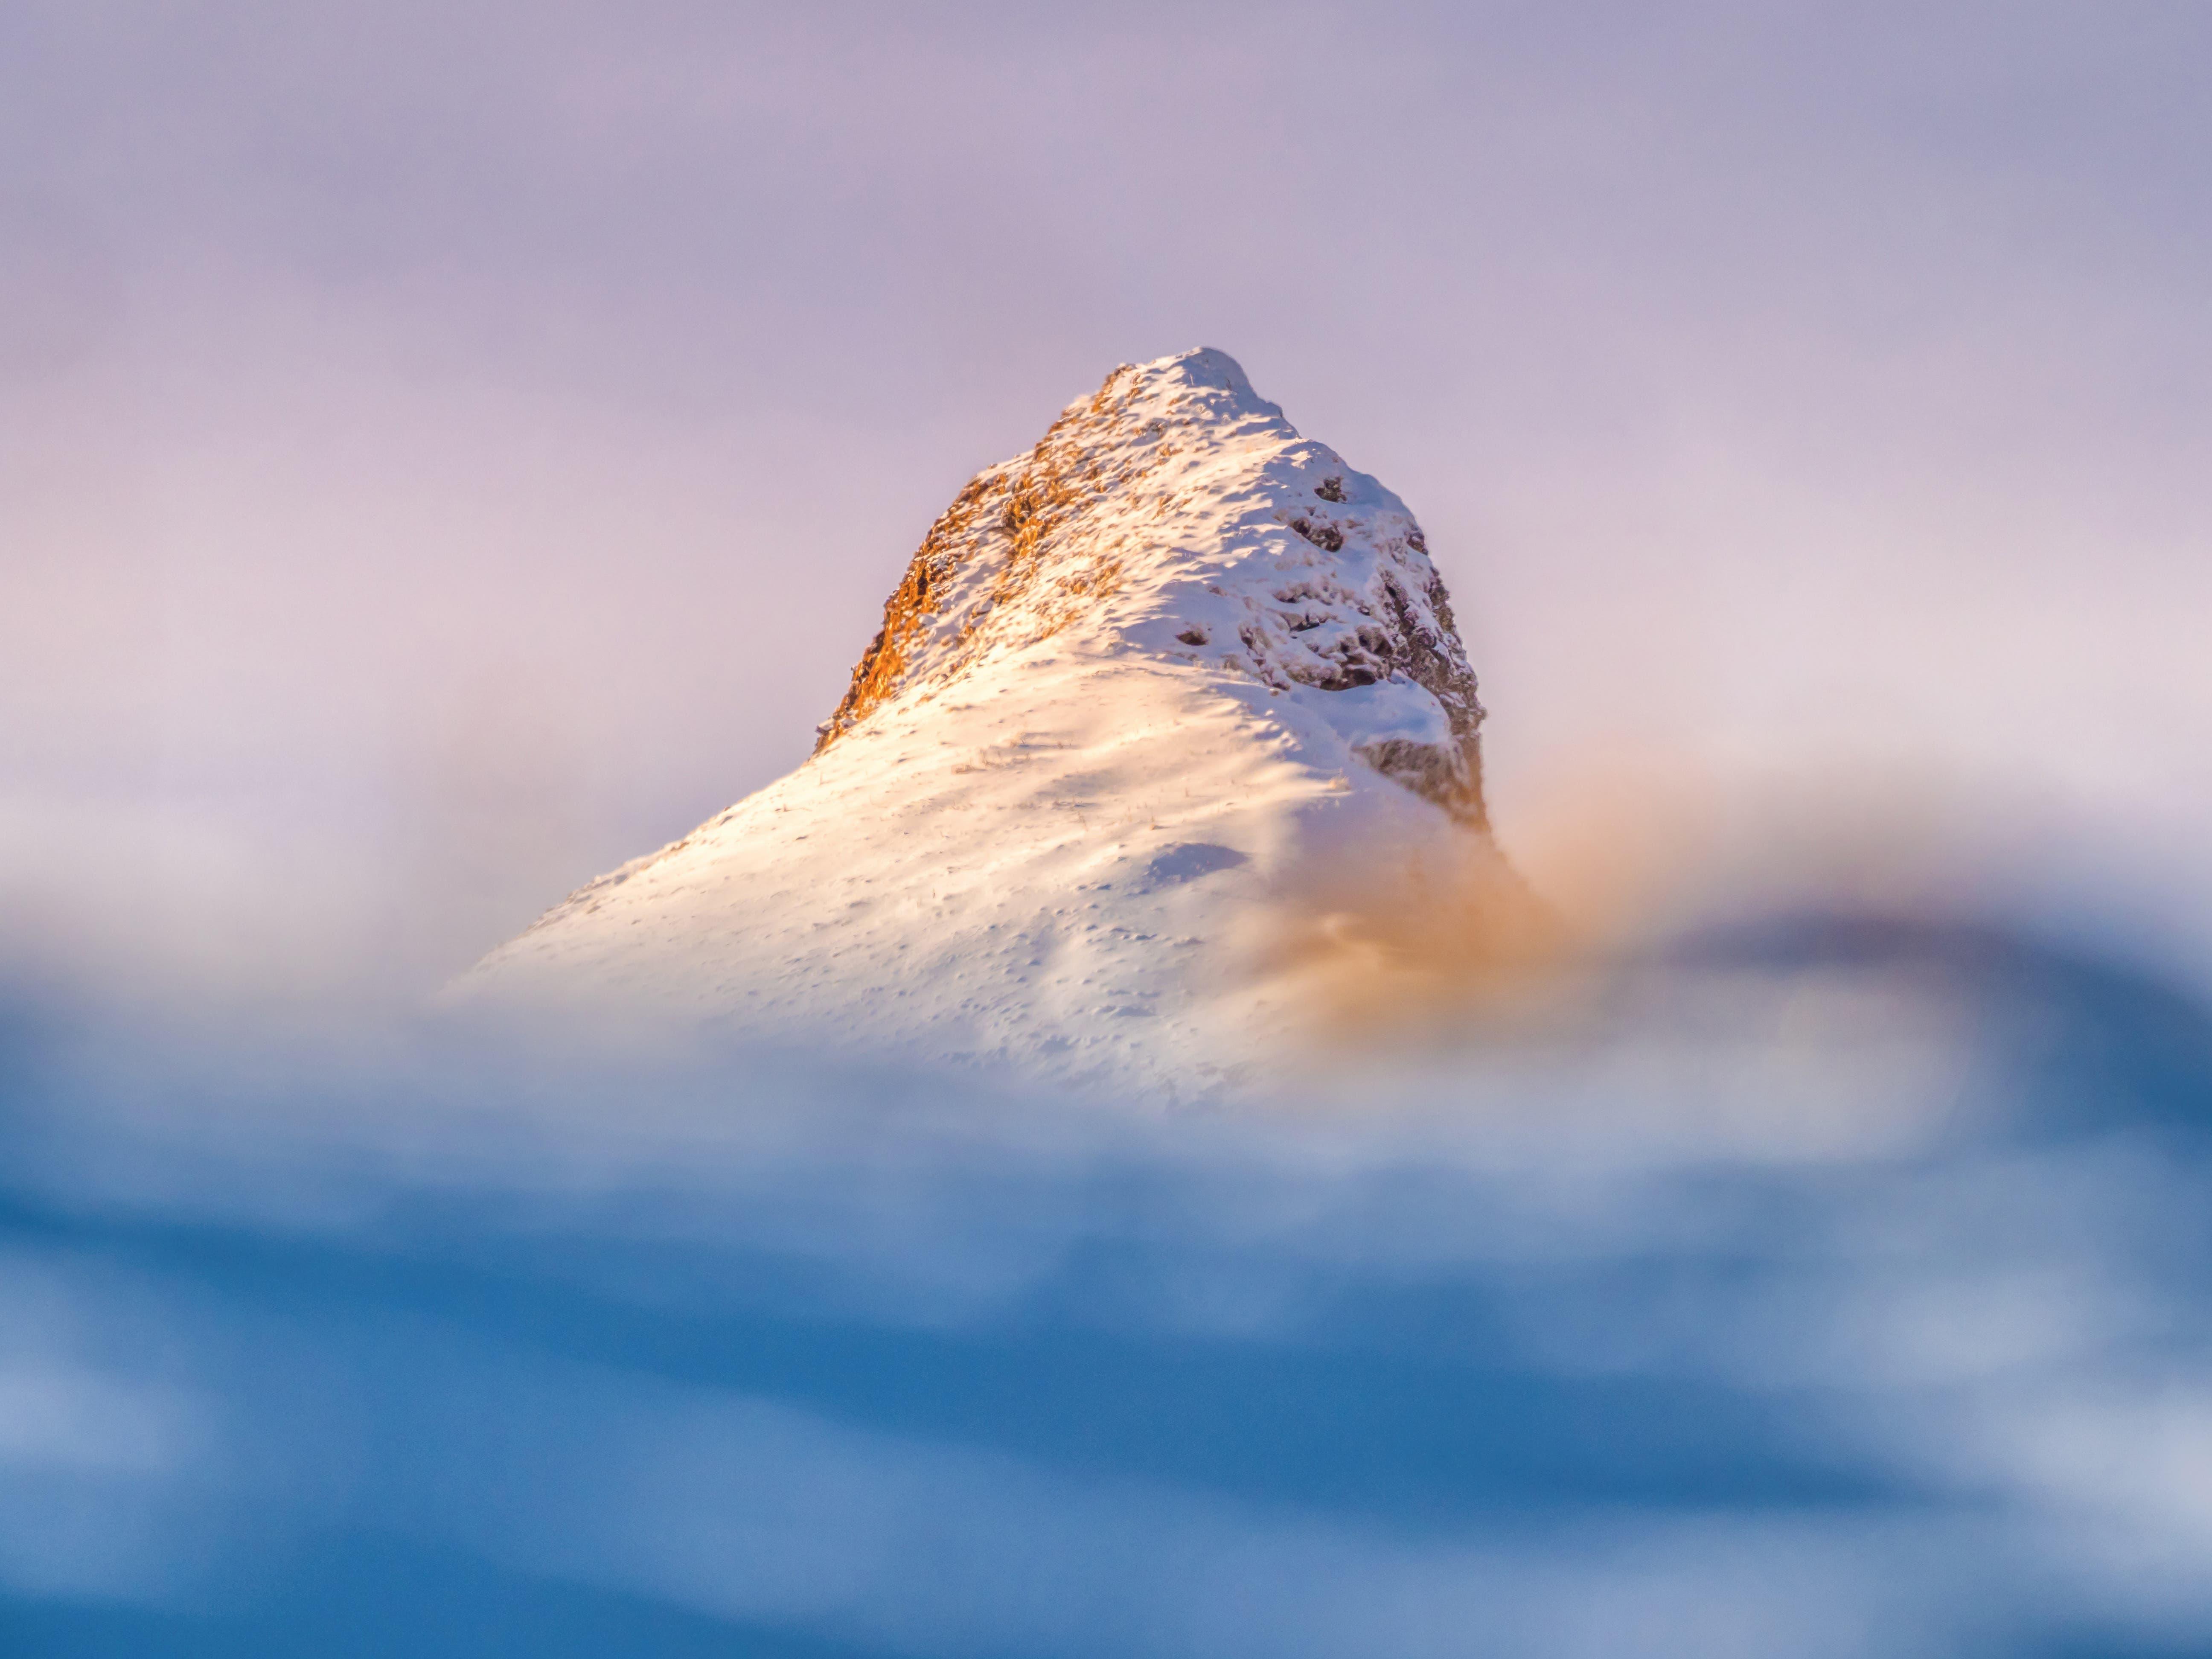 Der Fulfirst in der Morgensonne. Der Winter kommt. (Bild: Matthias Kopp)